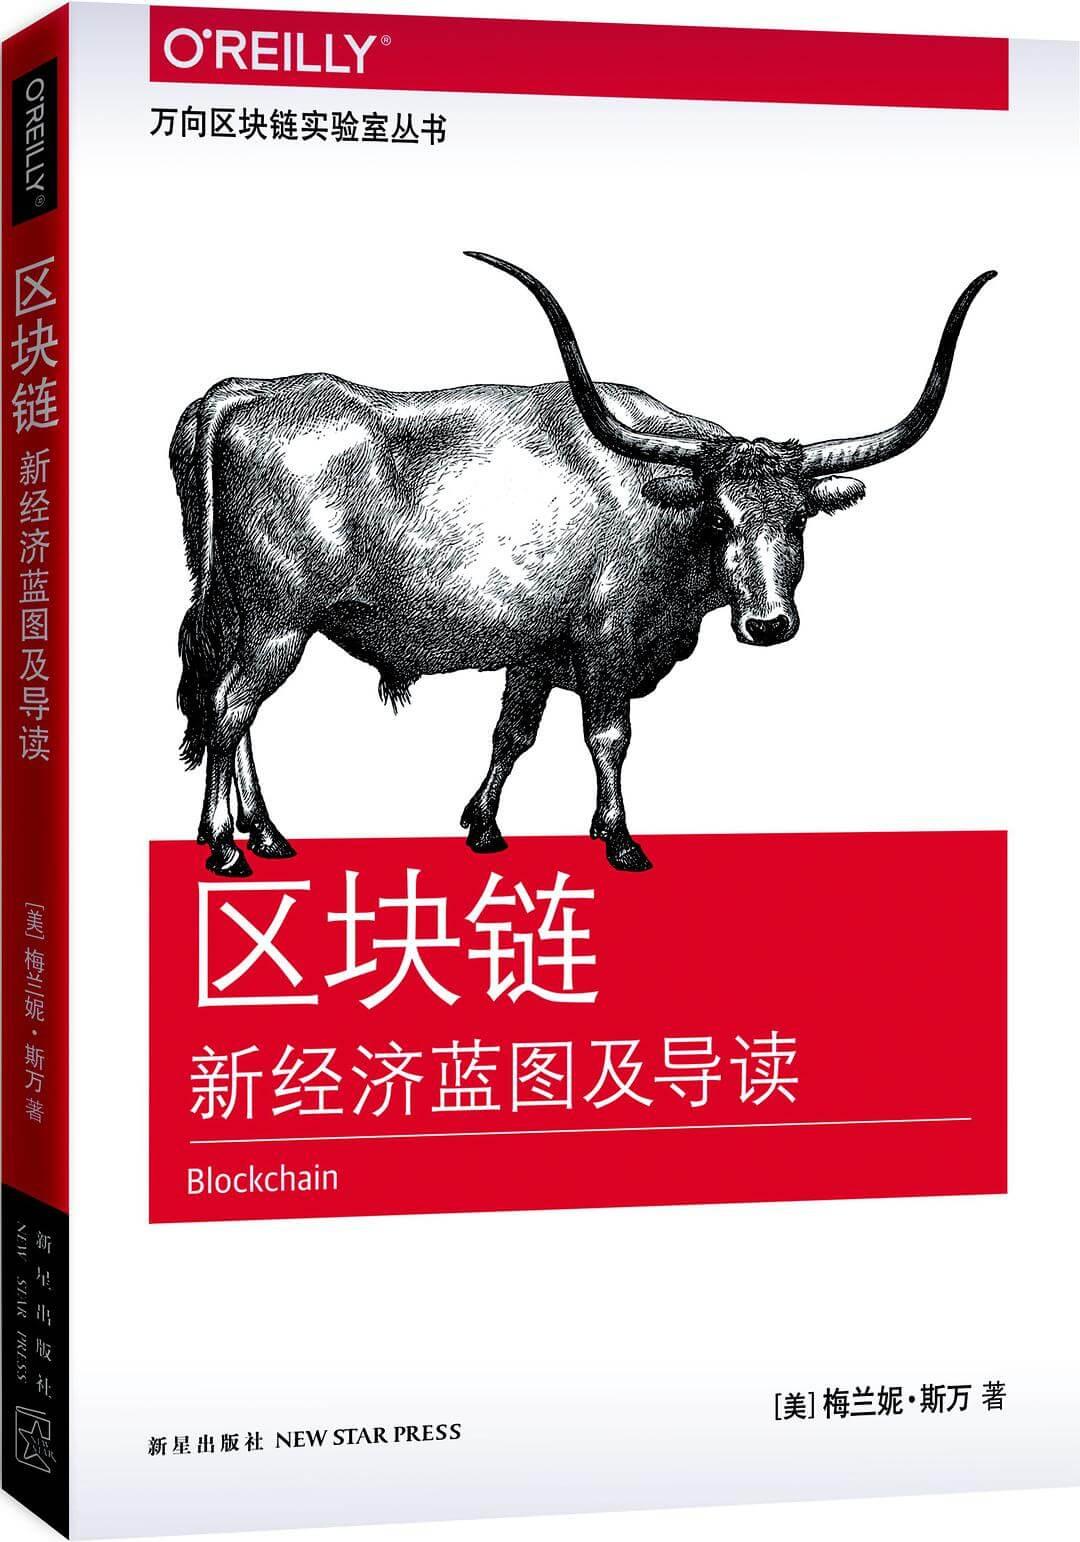 区块链:新经济蓝图及导读